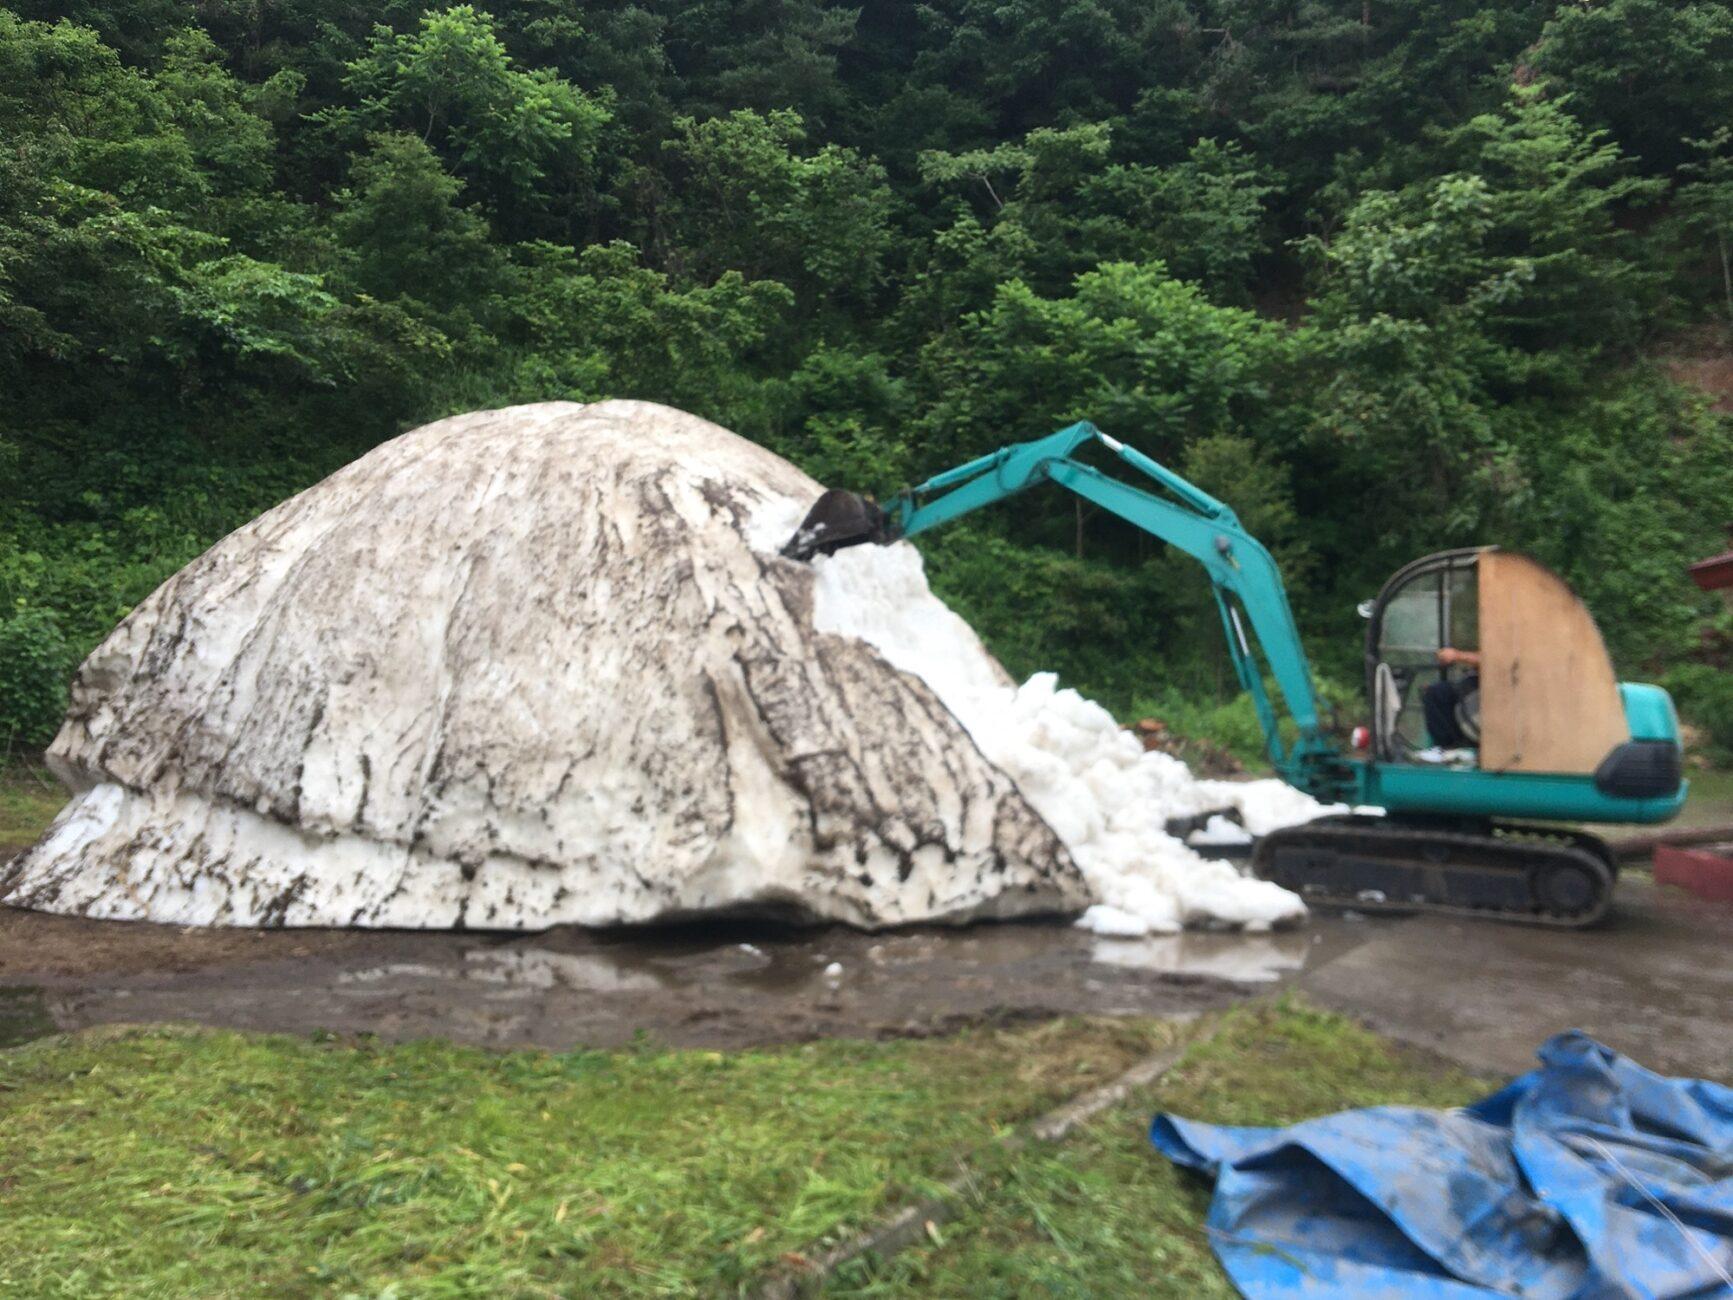 木島平村内山地区の雪室から雪中貯蔵酒を掘り出す様子